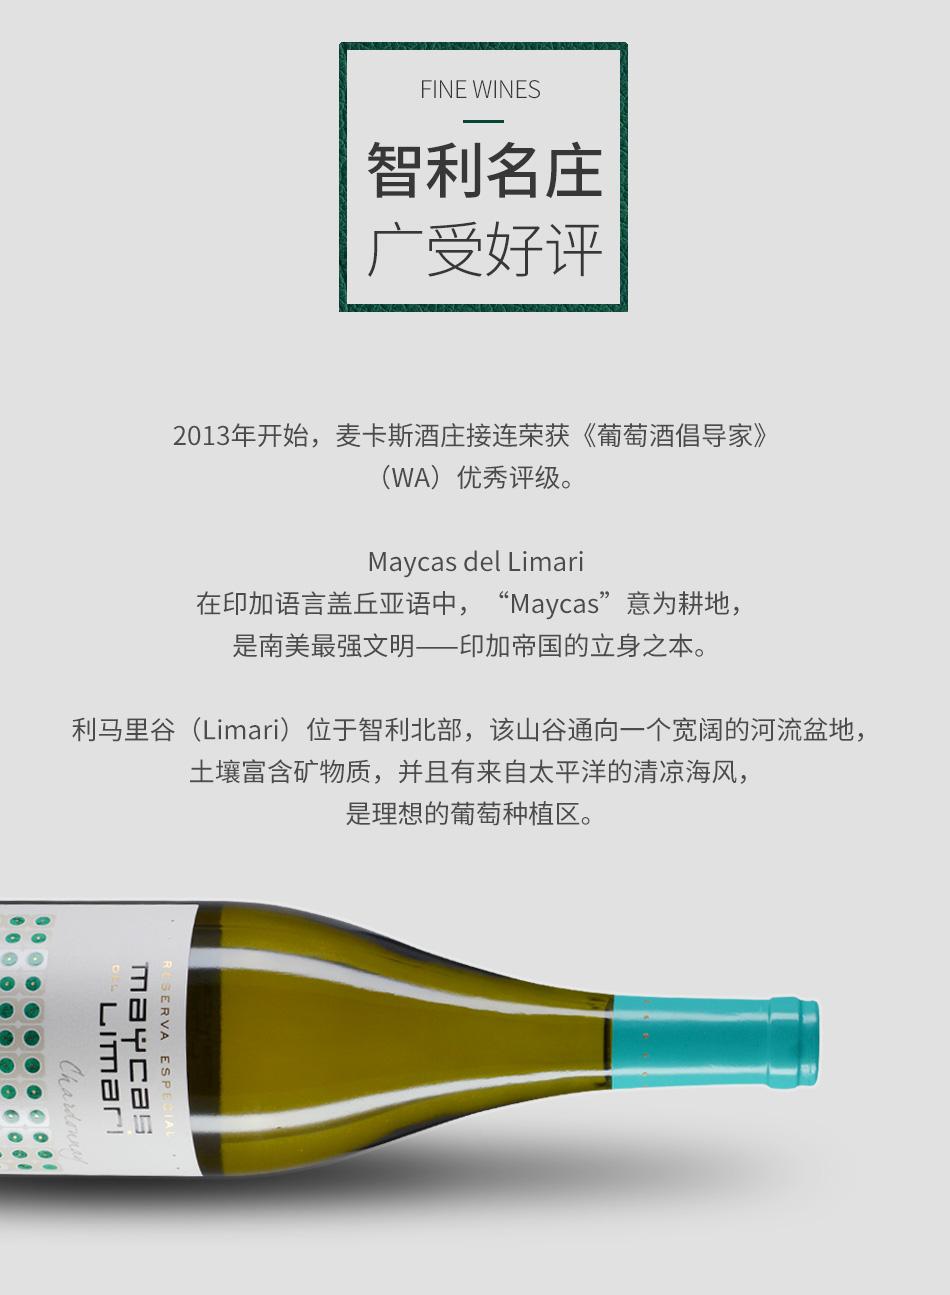 2014年麦卡斯特选珍藏霞多丽白葡萄酒亮点图3